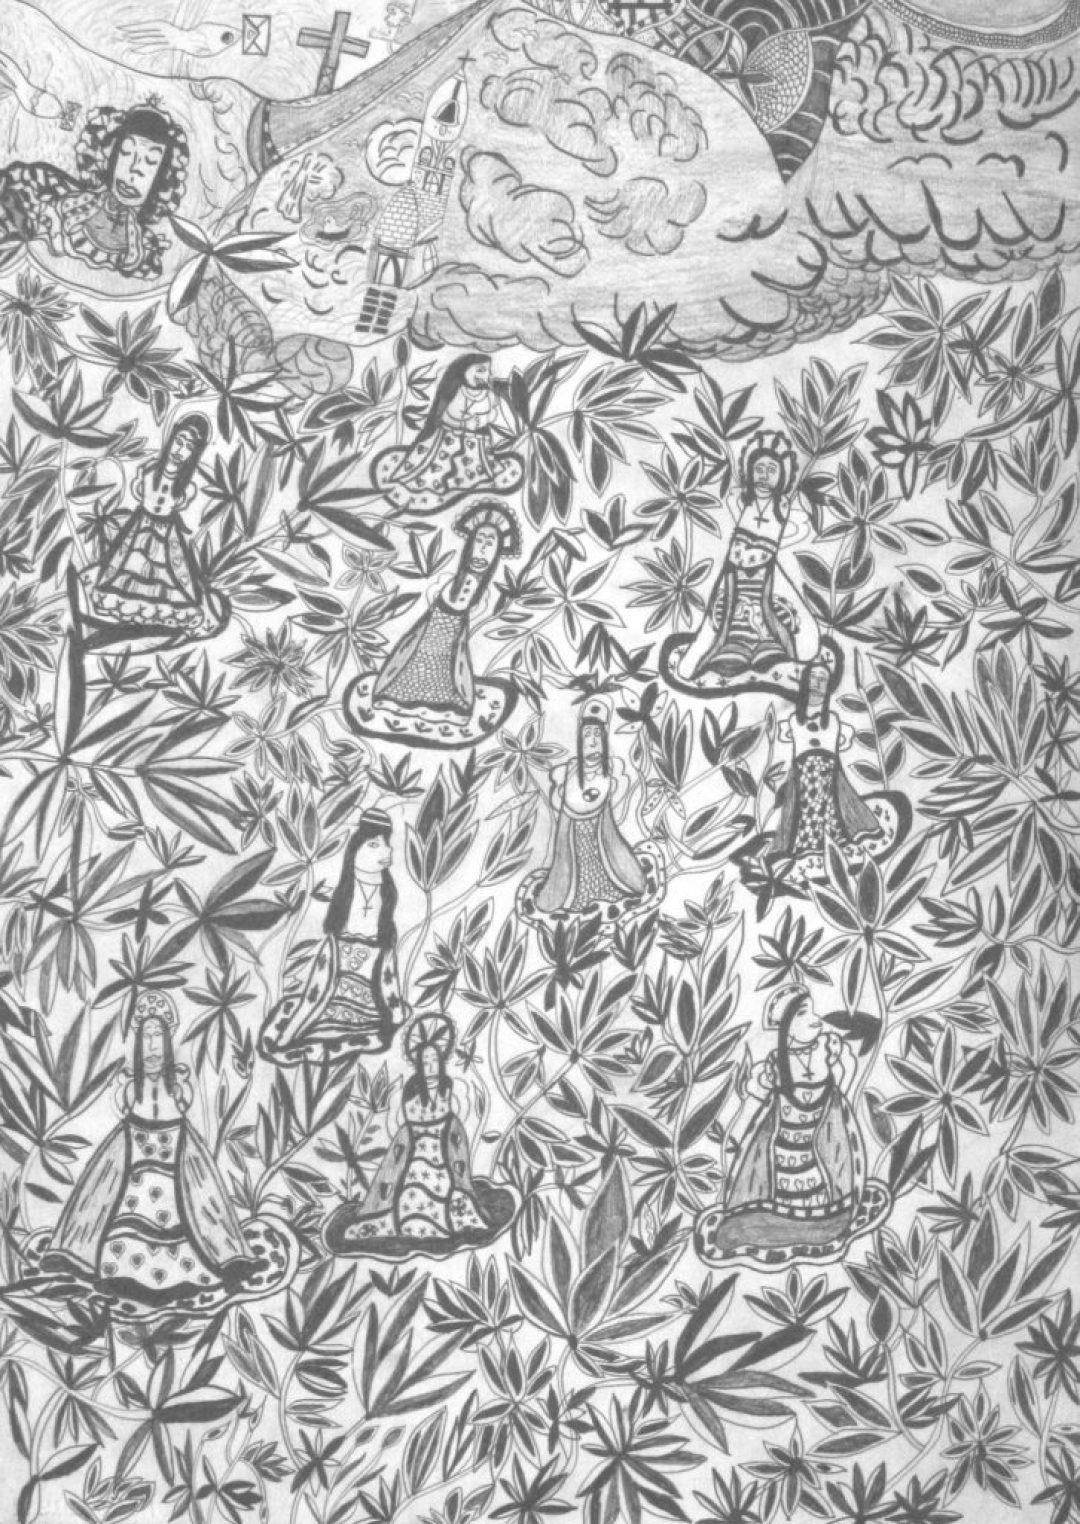 Christelle Hawkaluk, sans titre, 2007, crayon gris sur papier, 73 x 55 cm